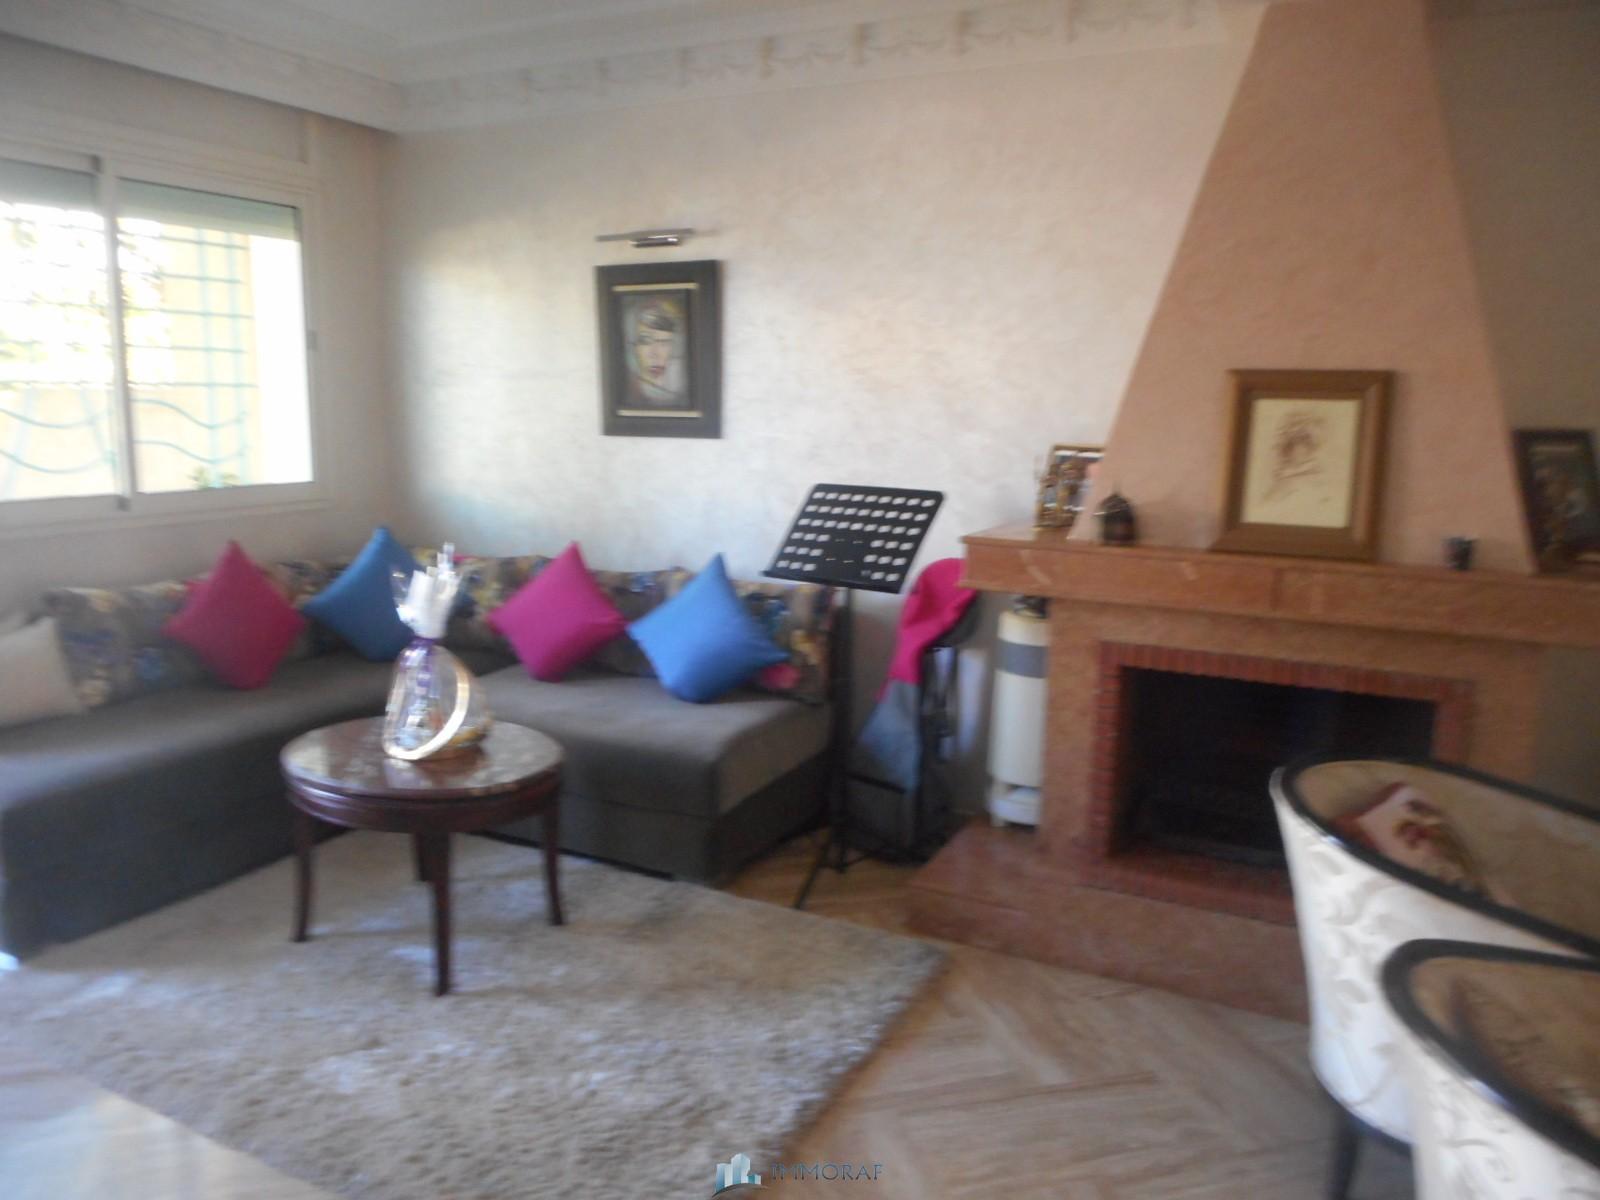 Location villa Cil Casablanca